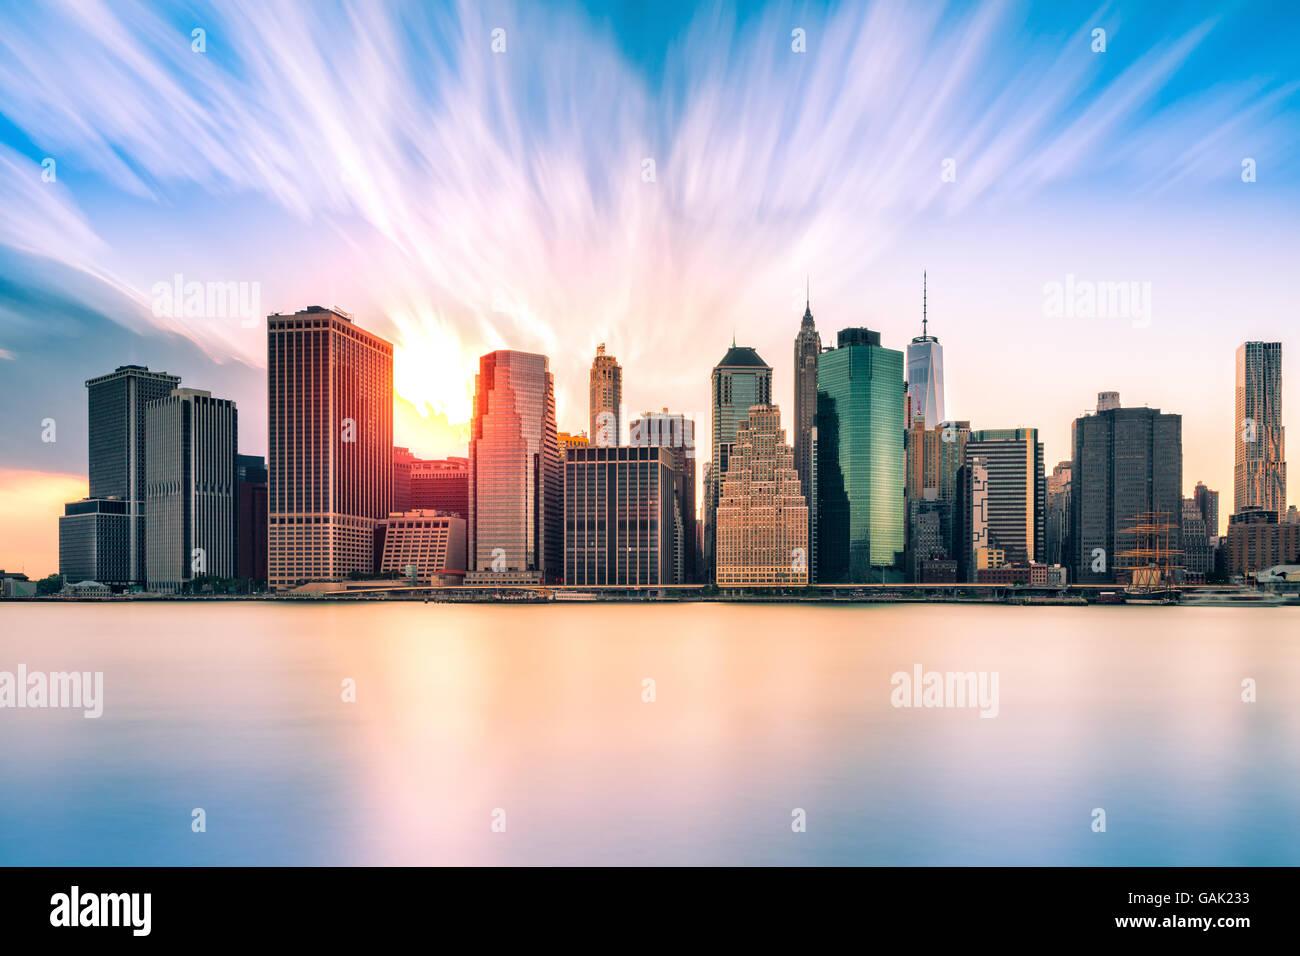 Il quartiere finanziario al tramonto, nella città di New York Immagini Stock